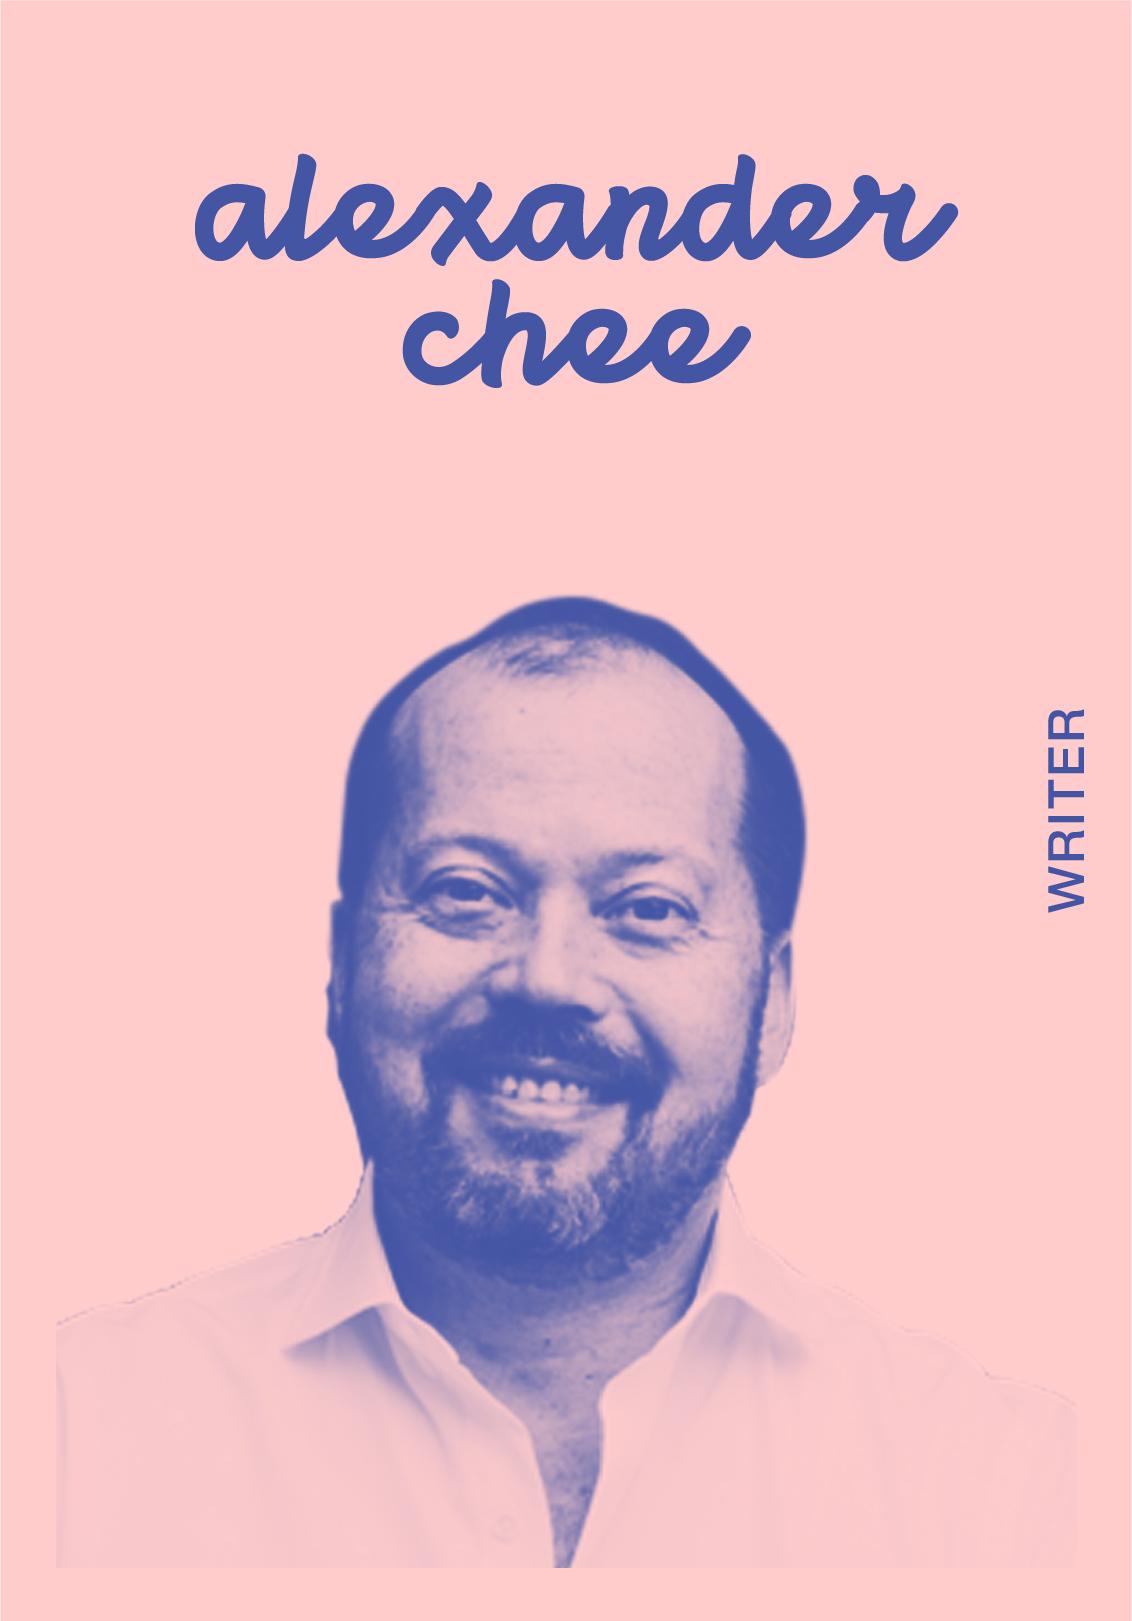 ALEXANDER CHEE   WEBSITE   @ALEXANDERCHEE   IG: CHEEMOBILE